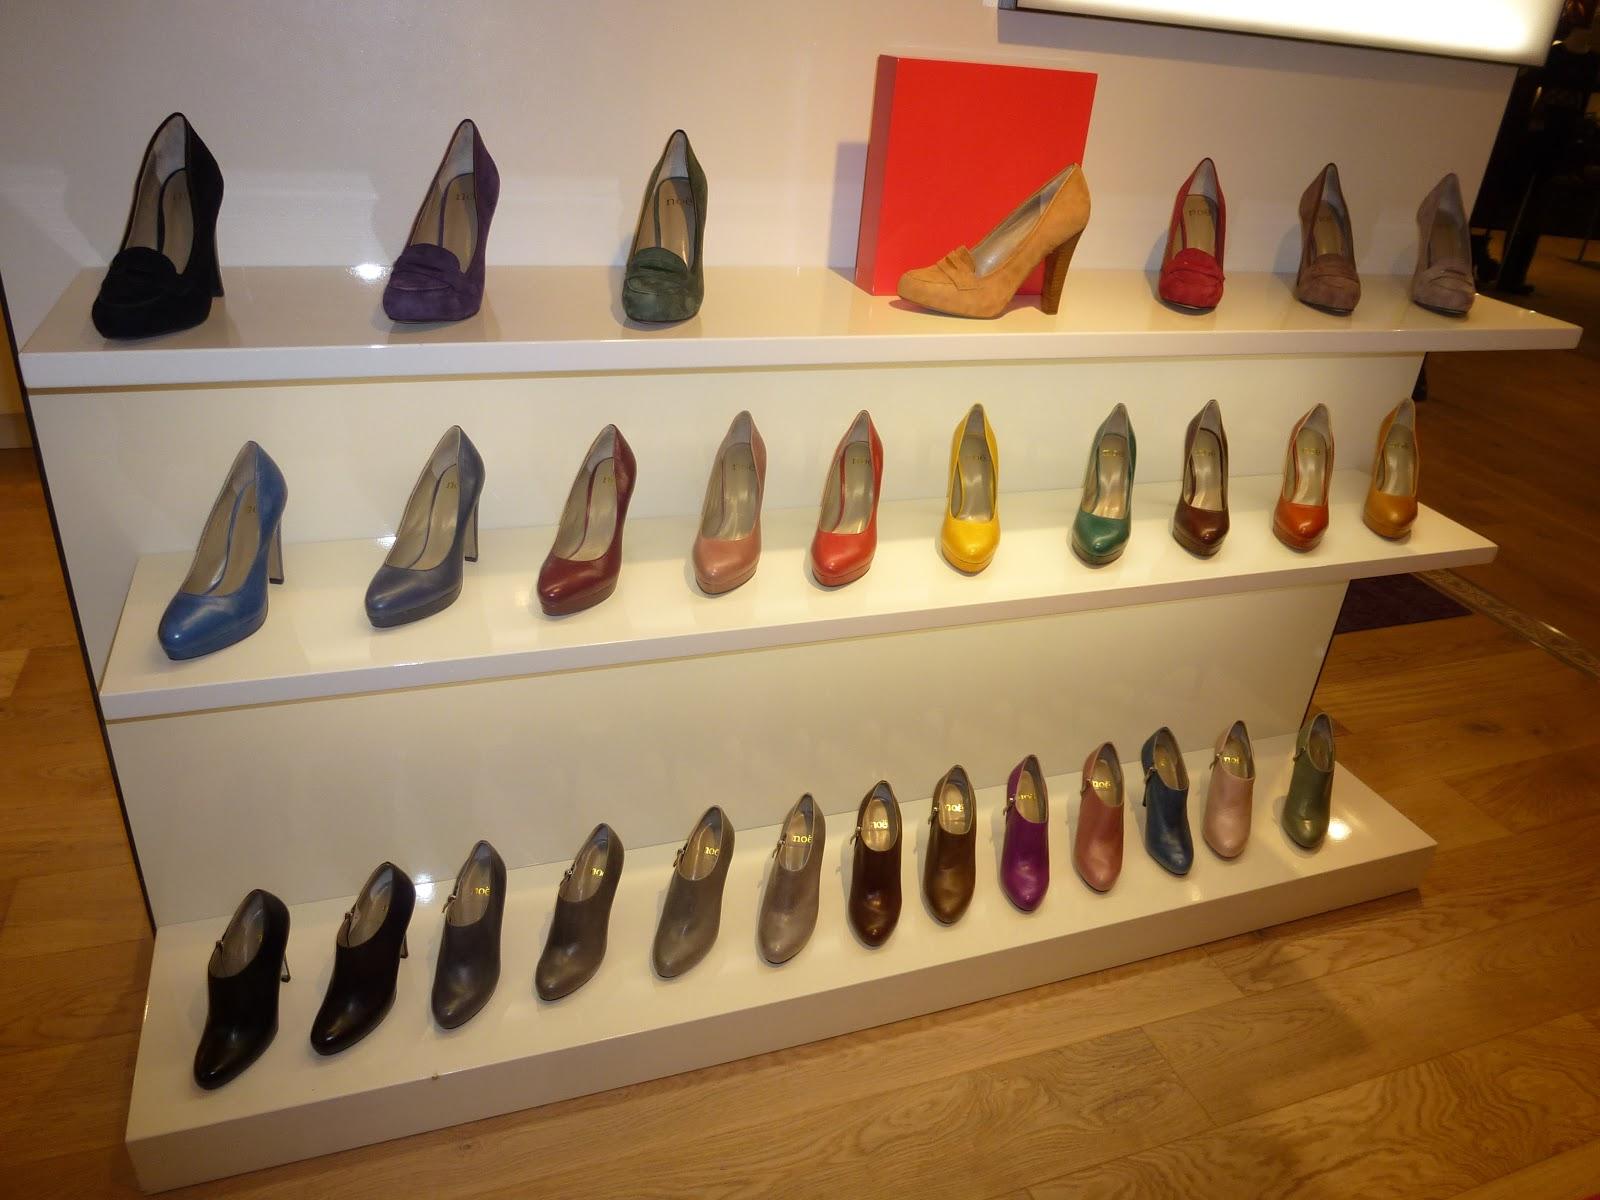 ugg chaussures bhv. Black Bedroom Furniture Sets. Home Design Ideas